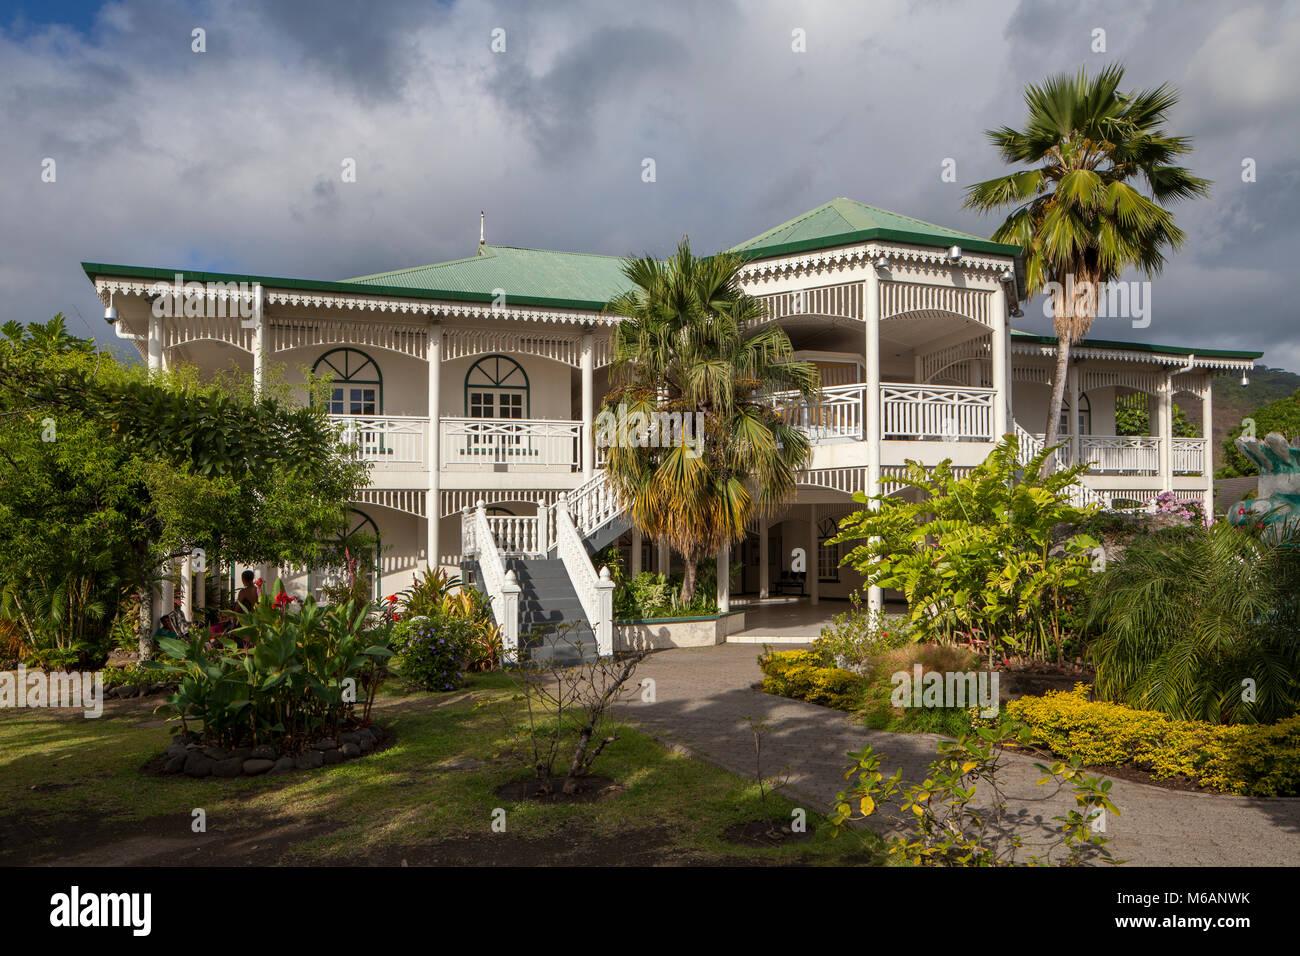 Das Weiße Haus aus der Kolonialzeit, Tahiti, Französisch-Polynesien Stockbild